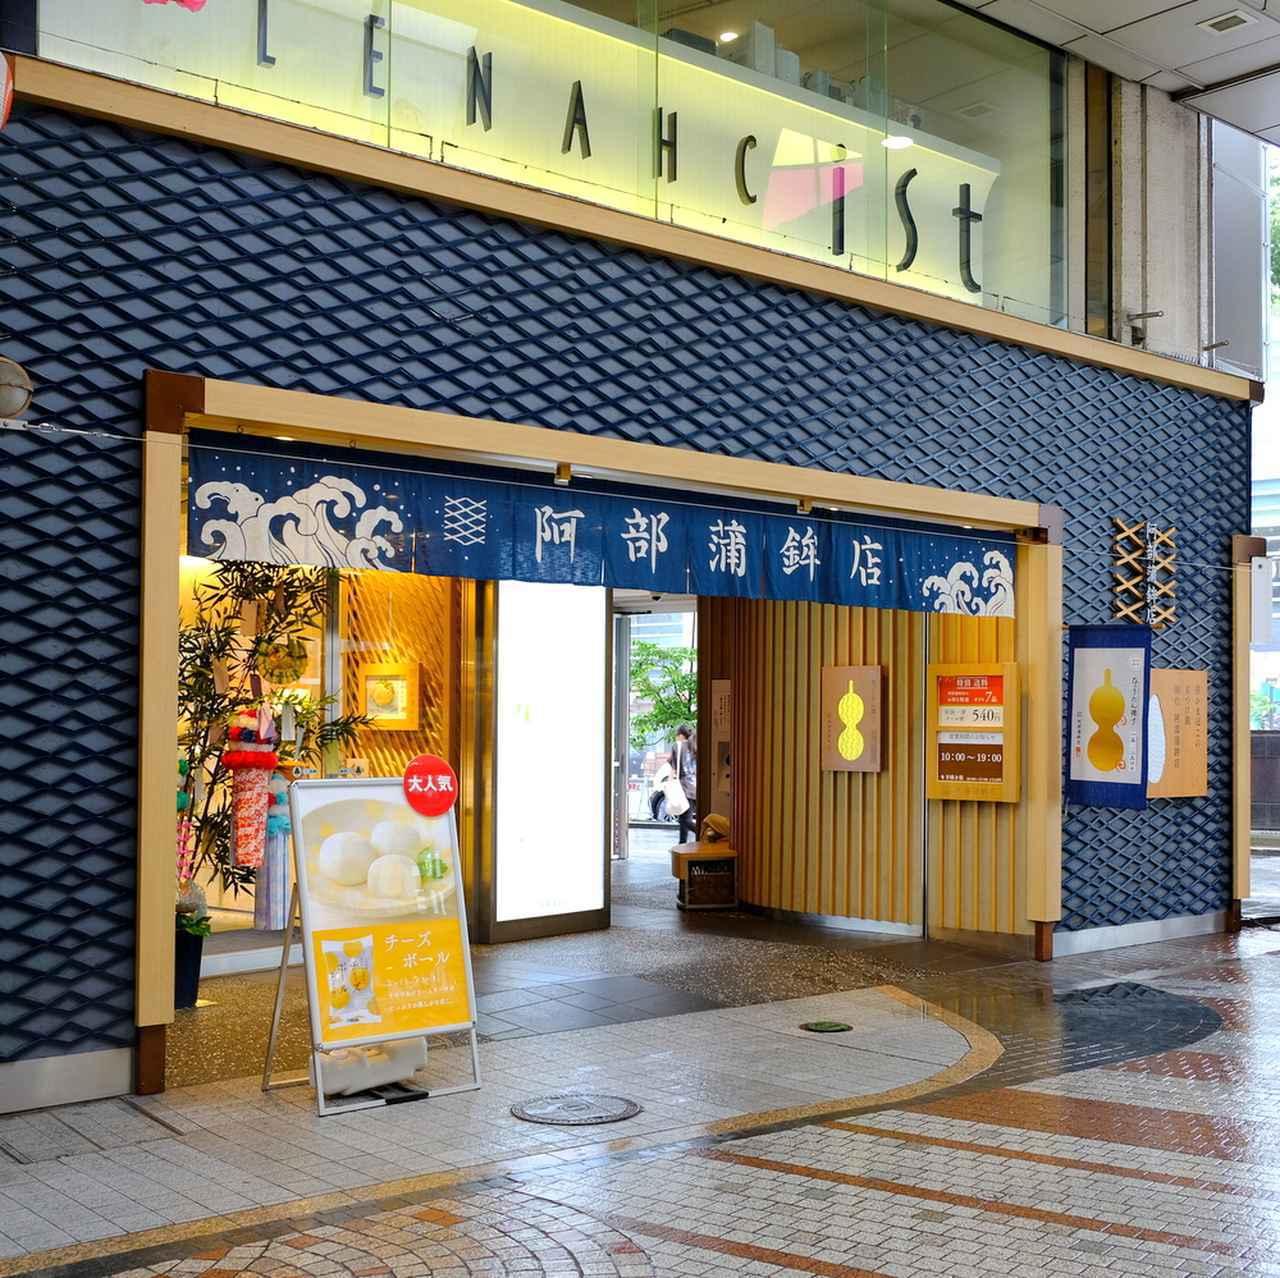 画像: 阿部蒲鉾店 本店。モダンな和風外装で目立ちます。